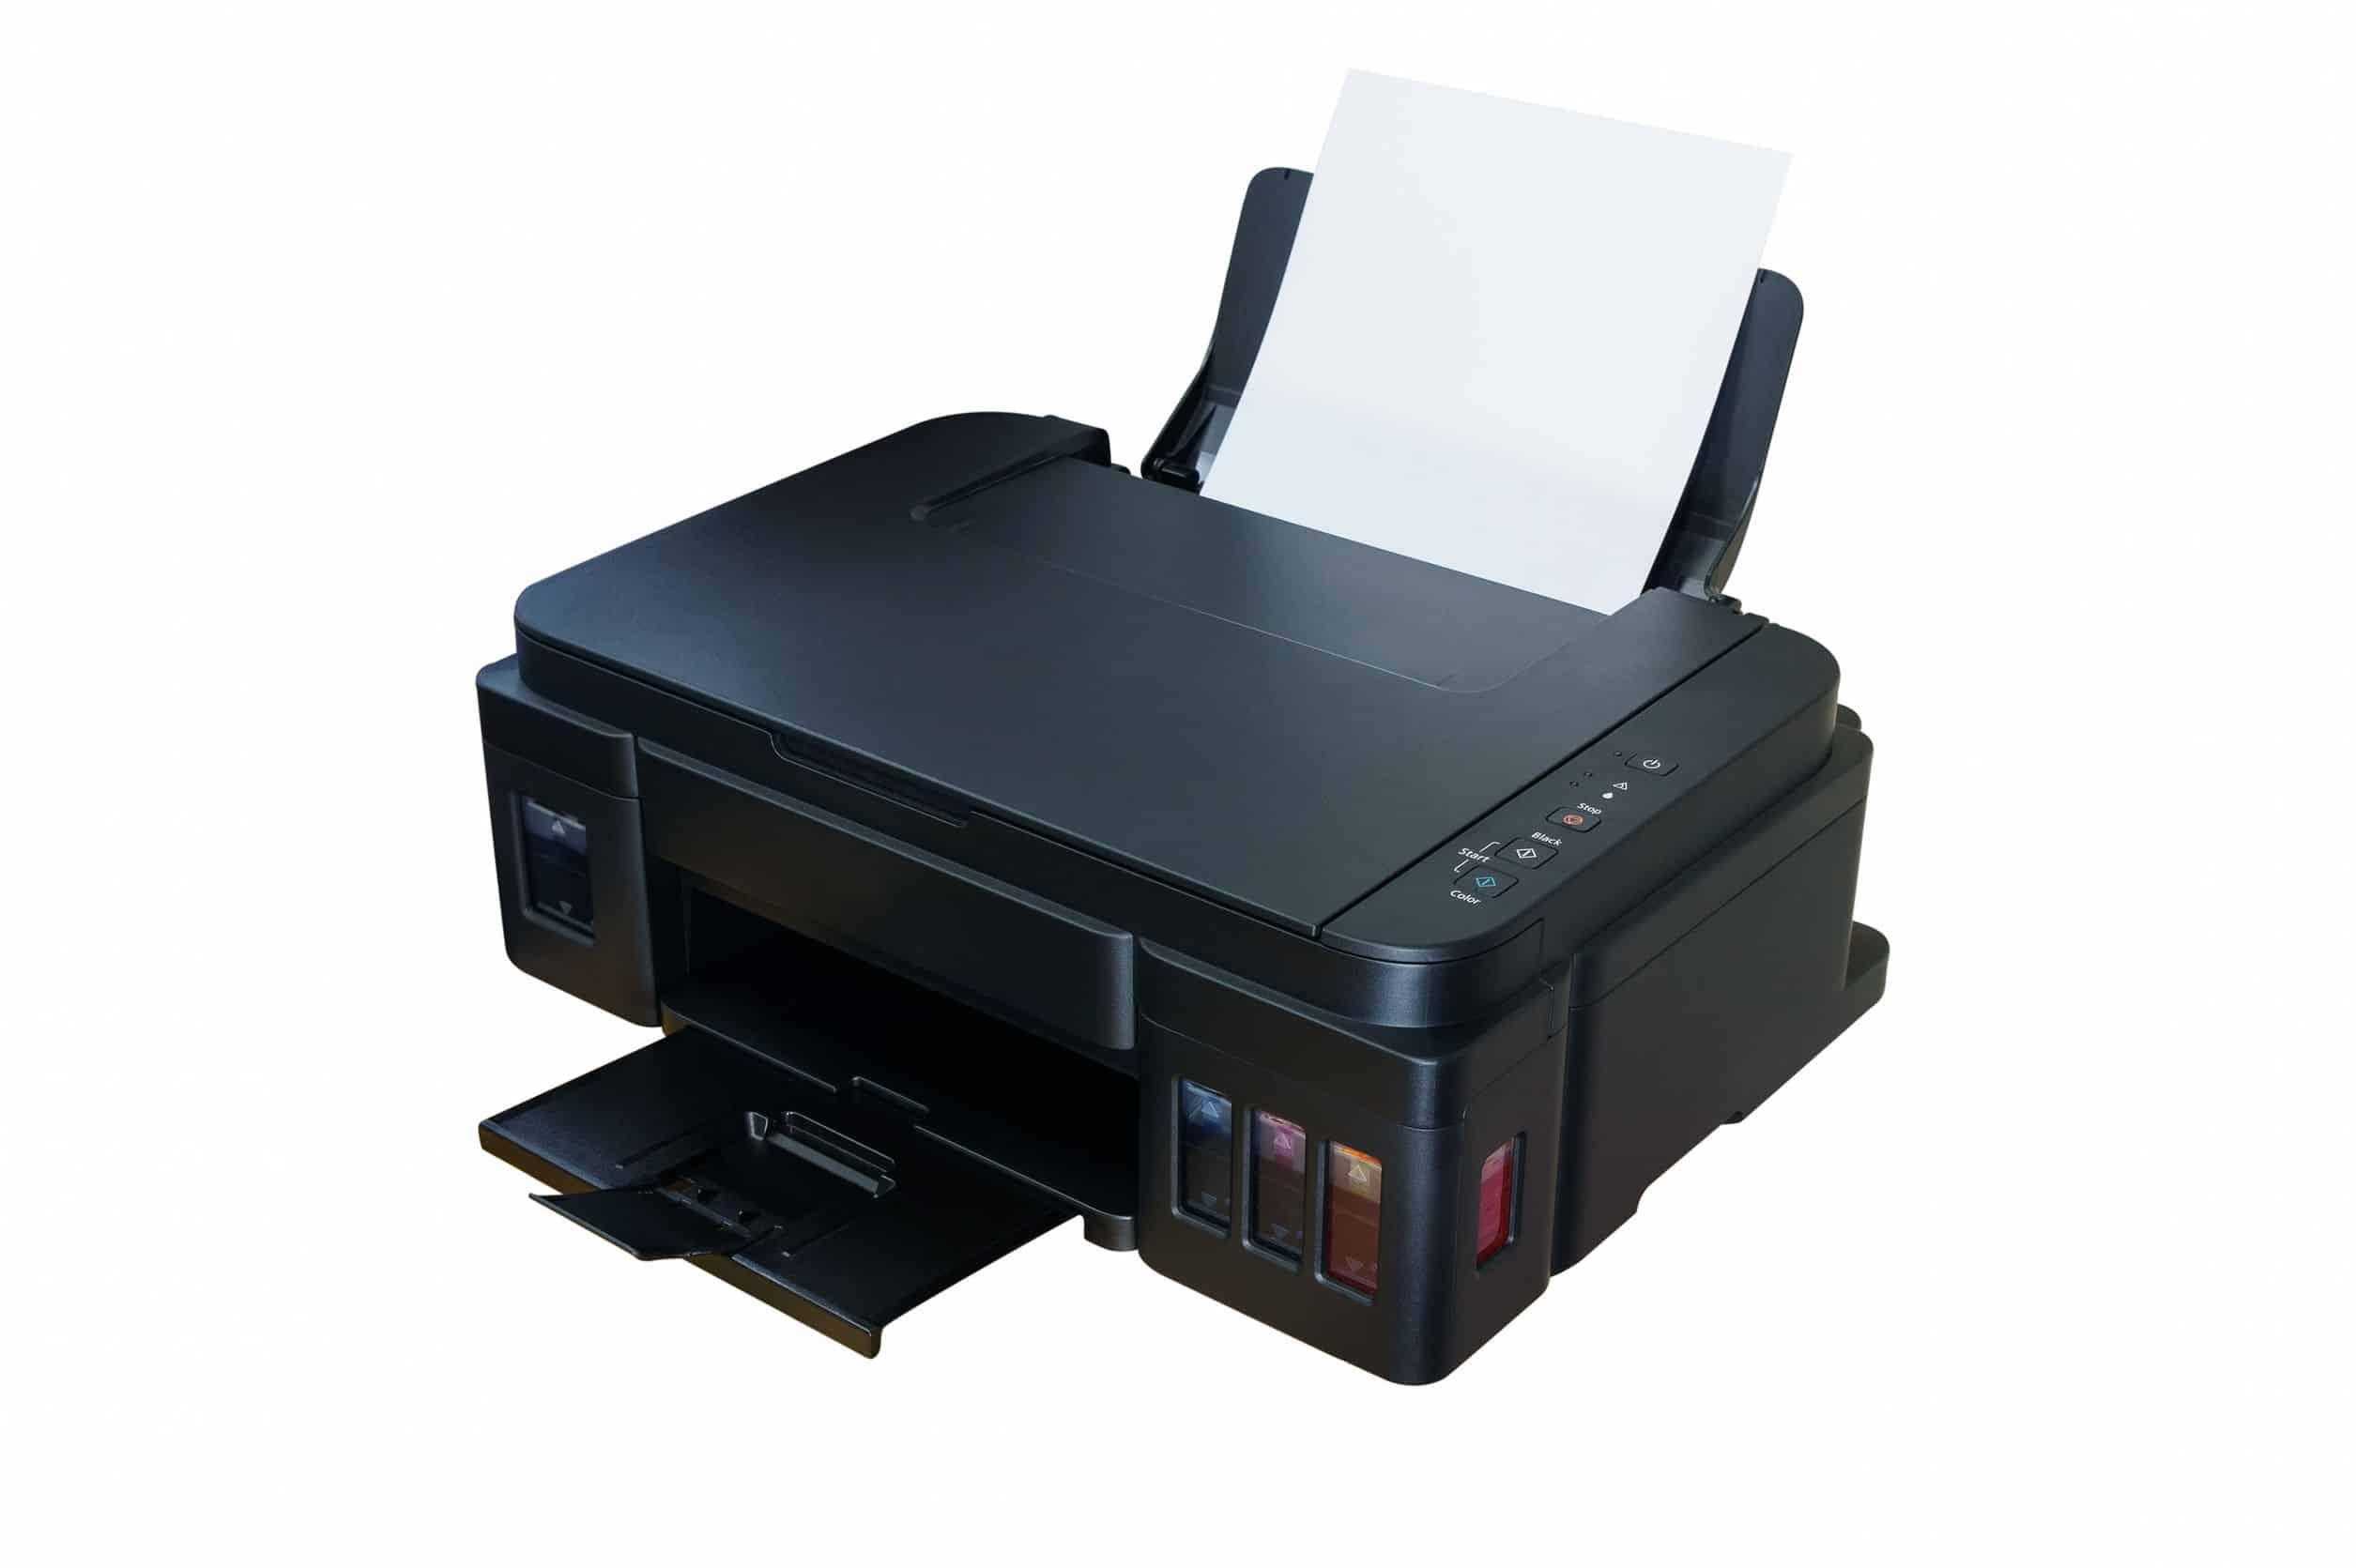 Impressora tanque de tinta com fundo branco.